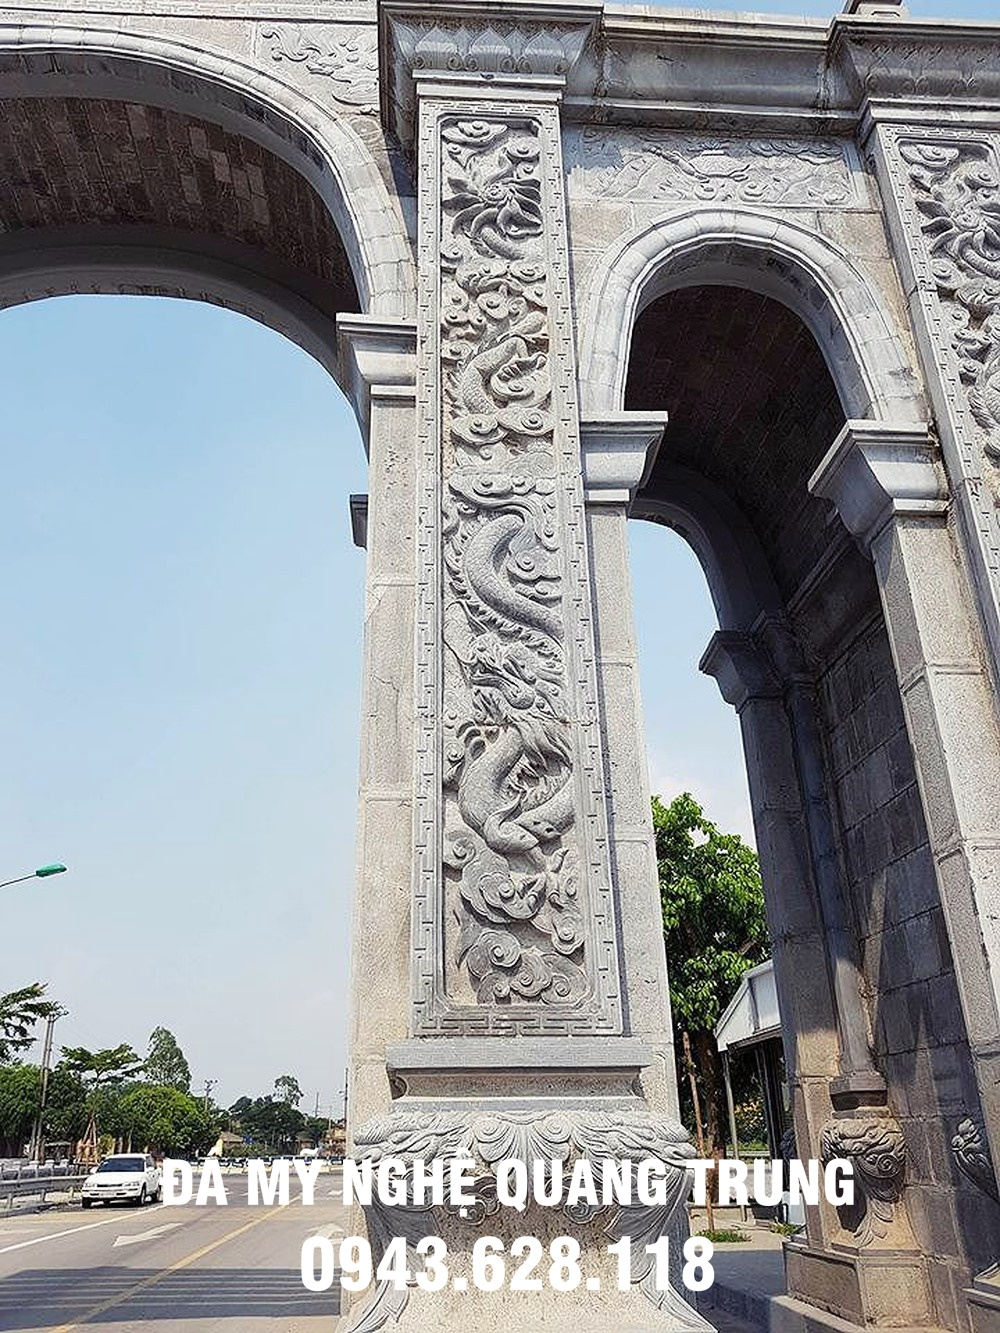 Cổng làng đá được khắc rồng rất tinh vi- chỉ có ở làng nghề đá mỹ nghệ truyền thống